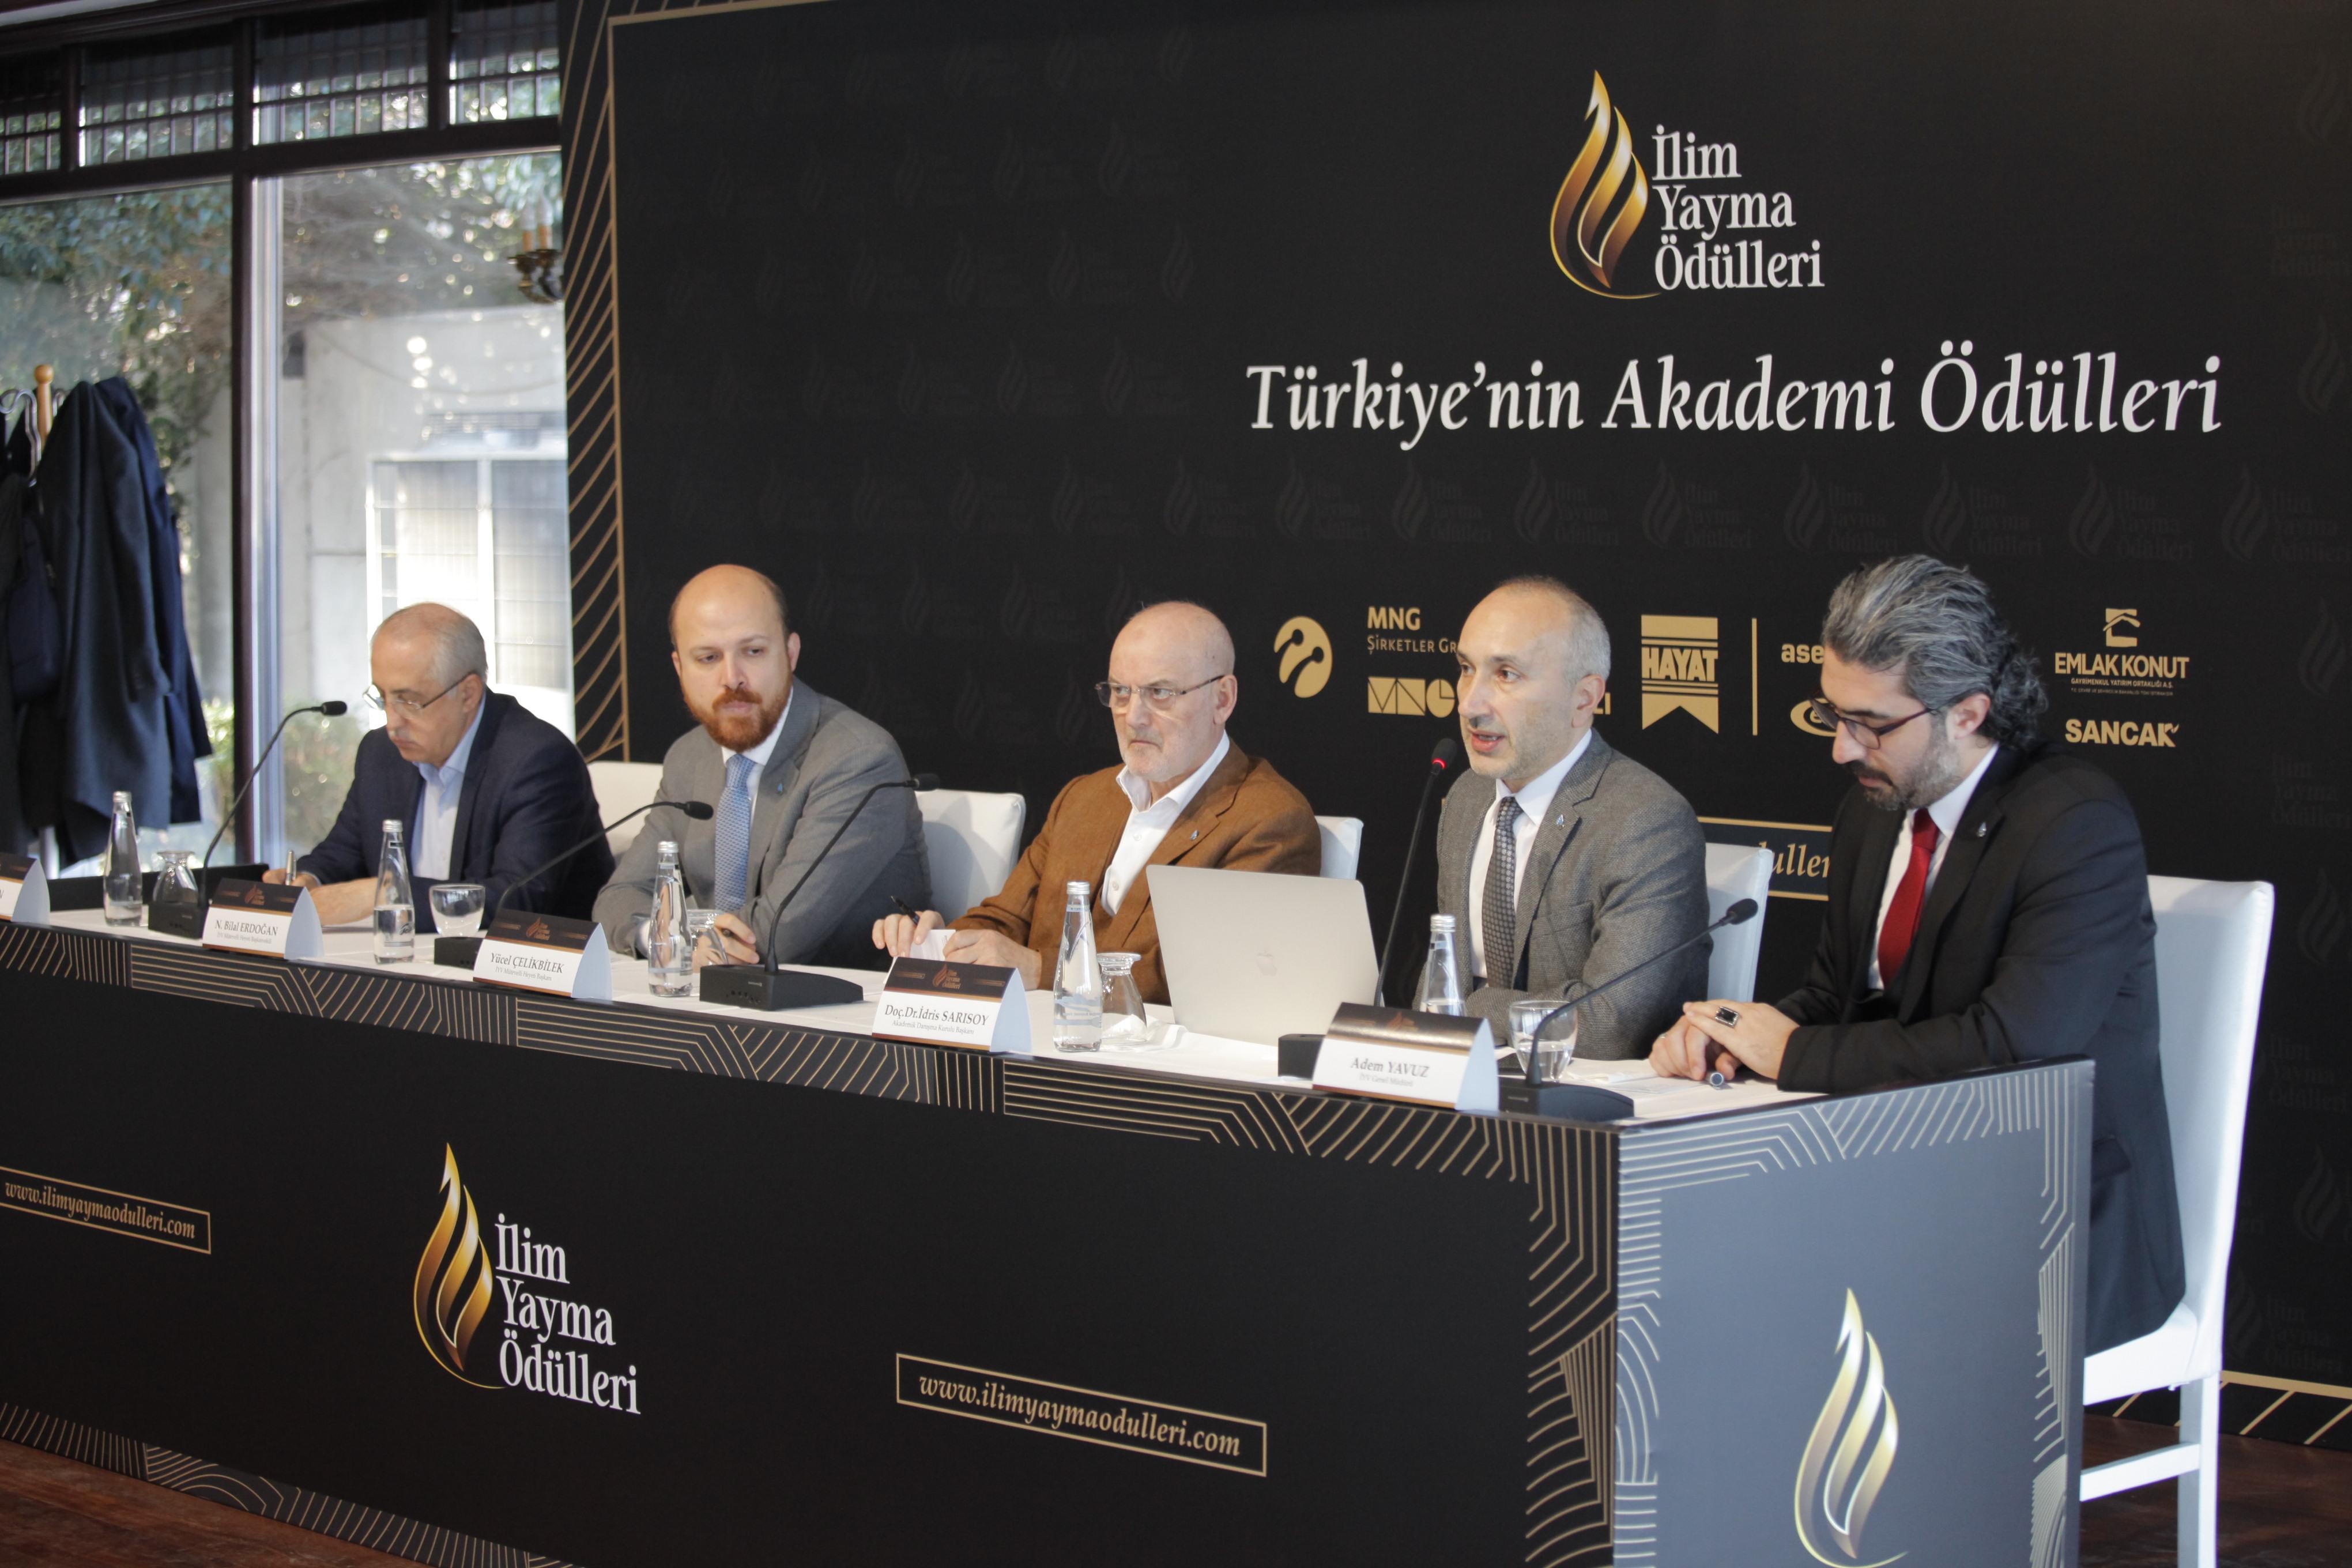 Türkiyenin En Büyük Akademi Ödülleri 22 Aralıkta Sahiplerini Buluyor - Haberler - İlim Yayma Vakfı, İYV